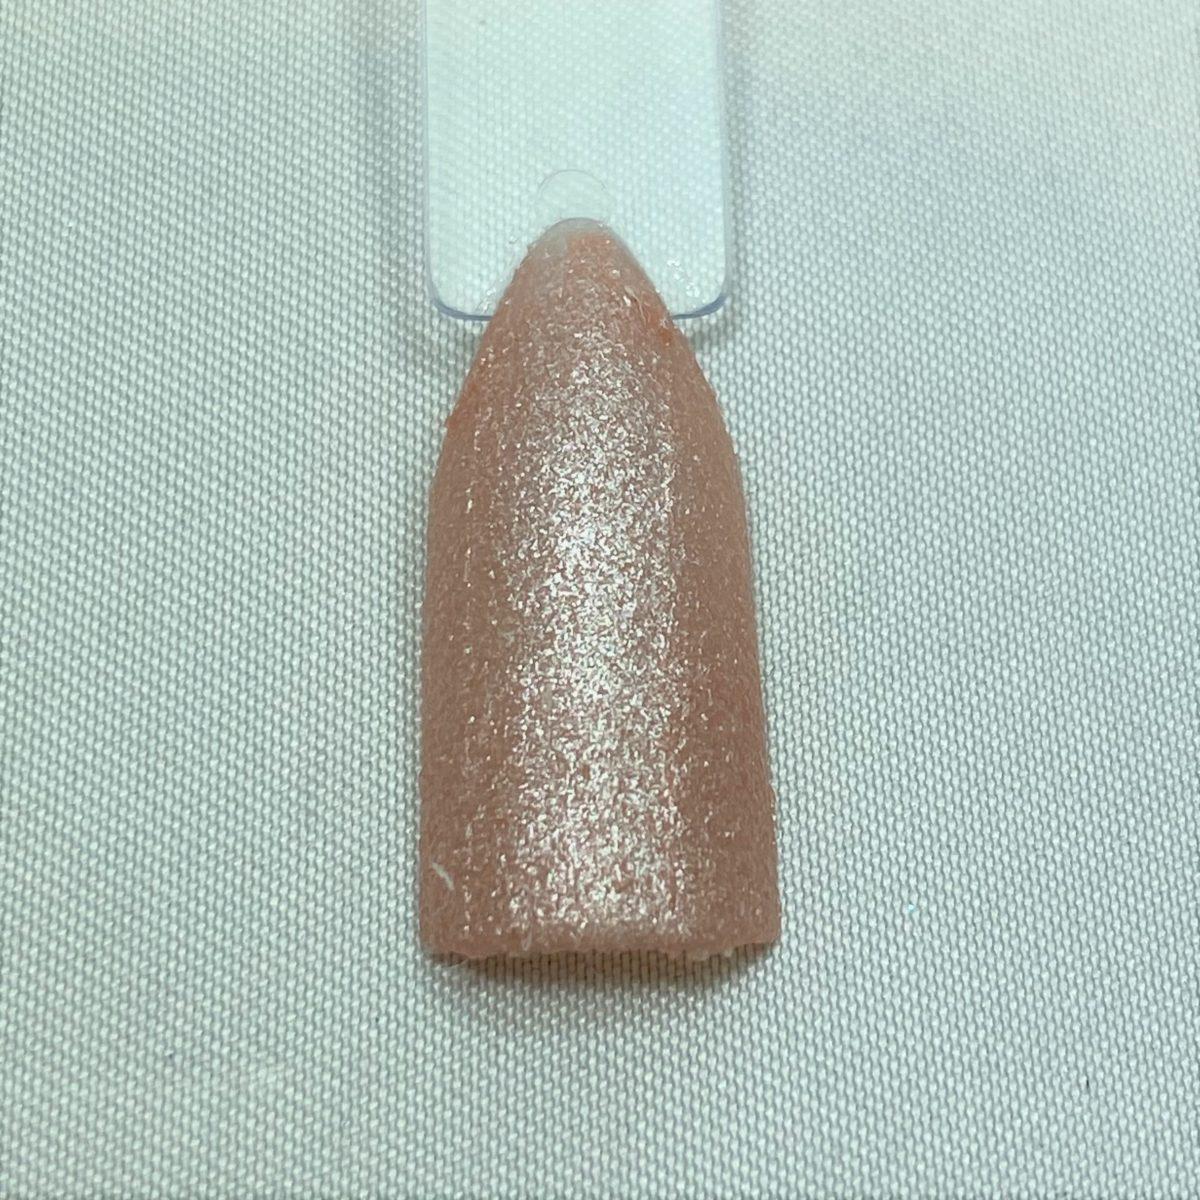 Melty Gel (メルティジェル) 3Dアートジェル Dazzle Copper